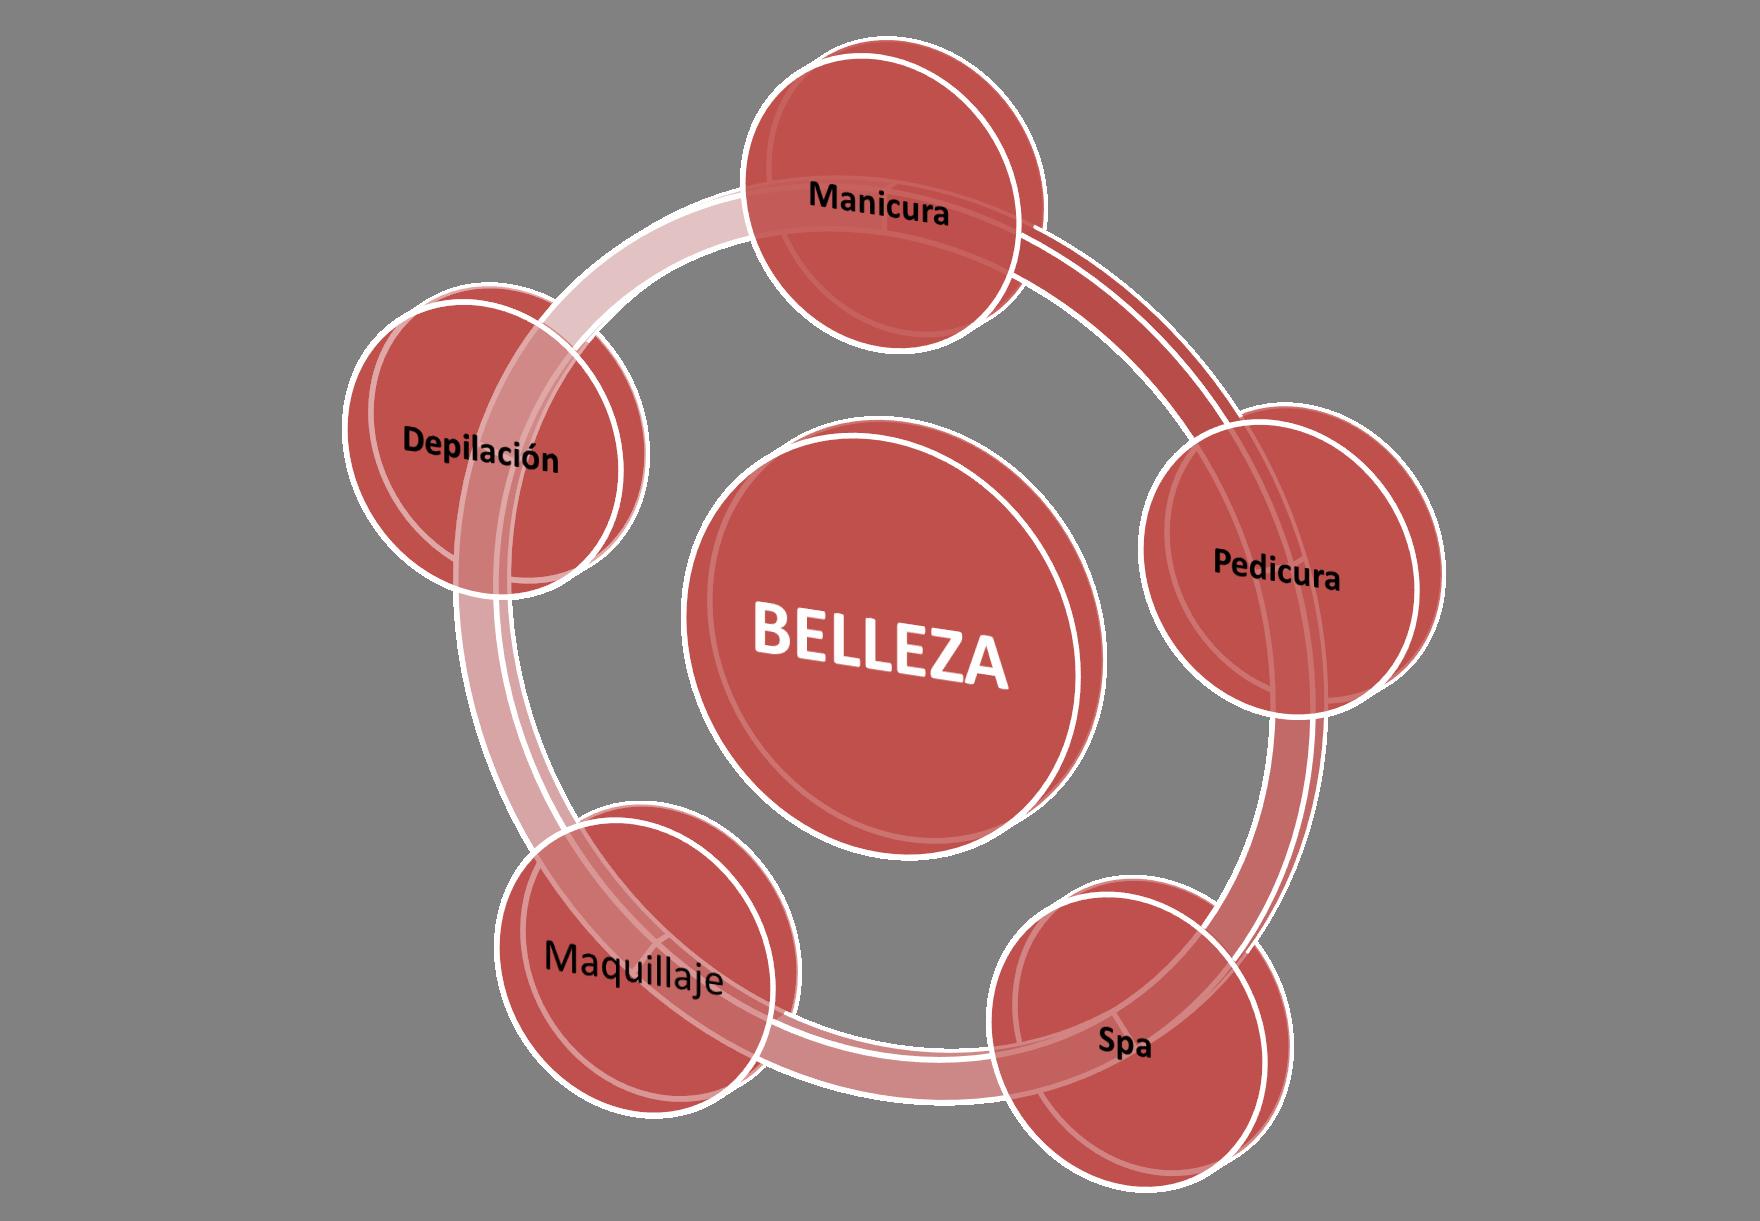 DIAGRAMA SERVICIOS BELLEZA